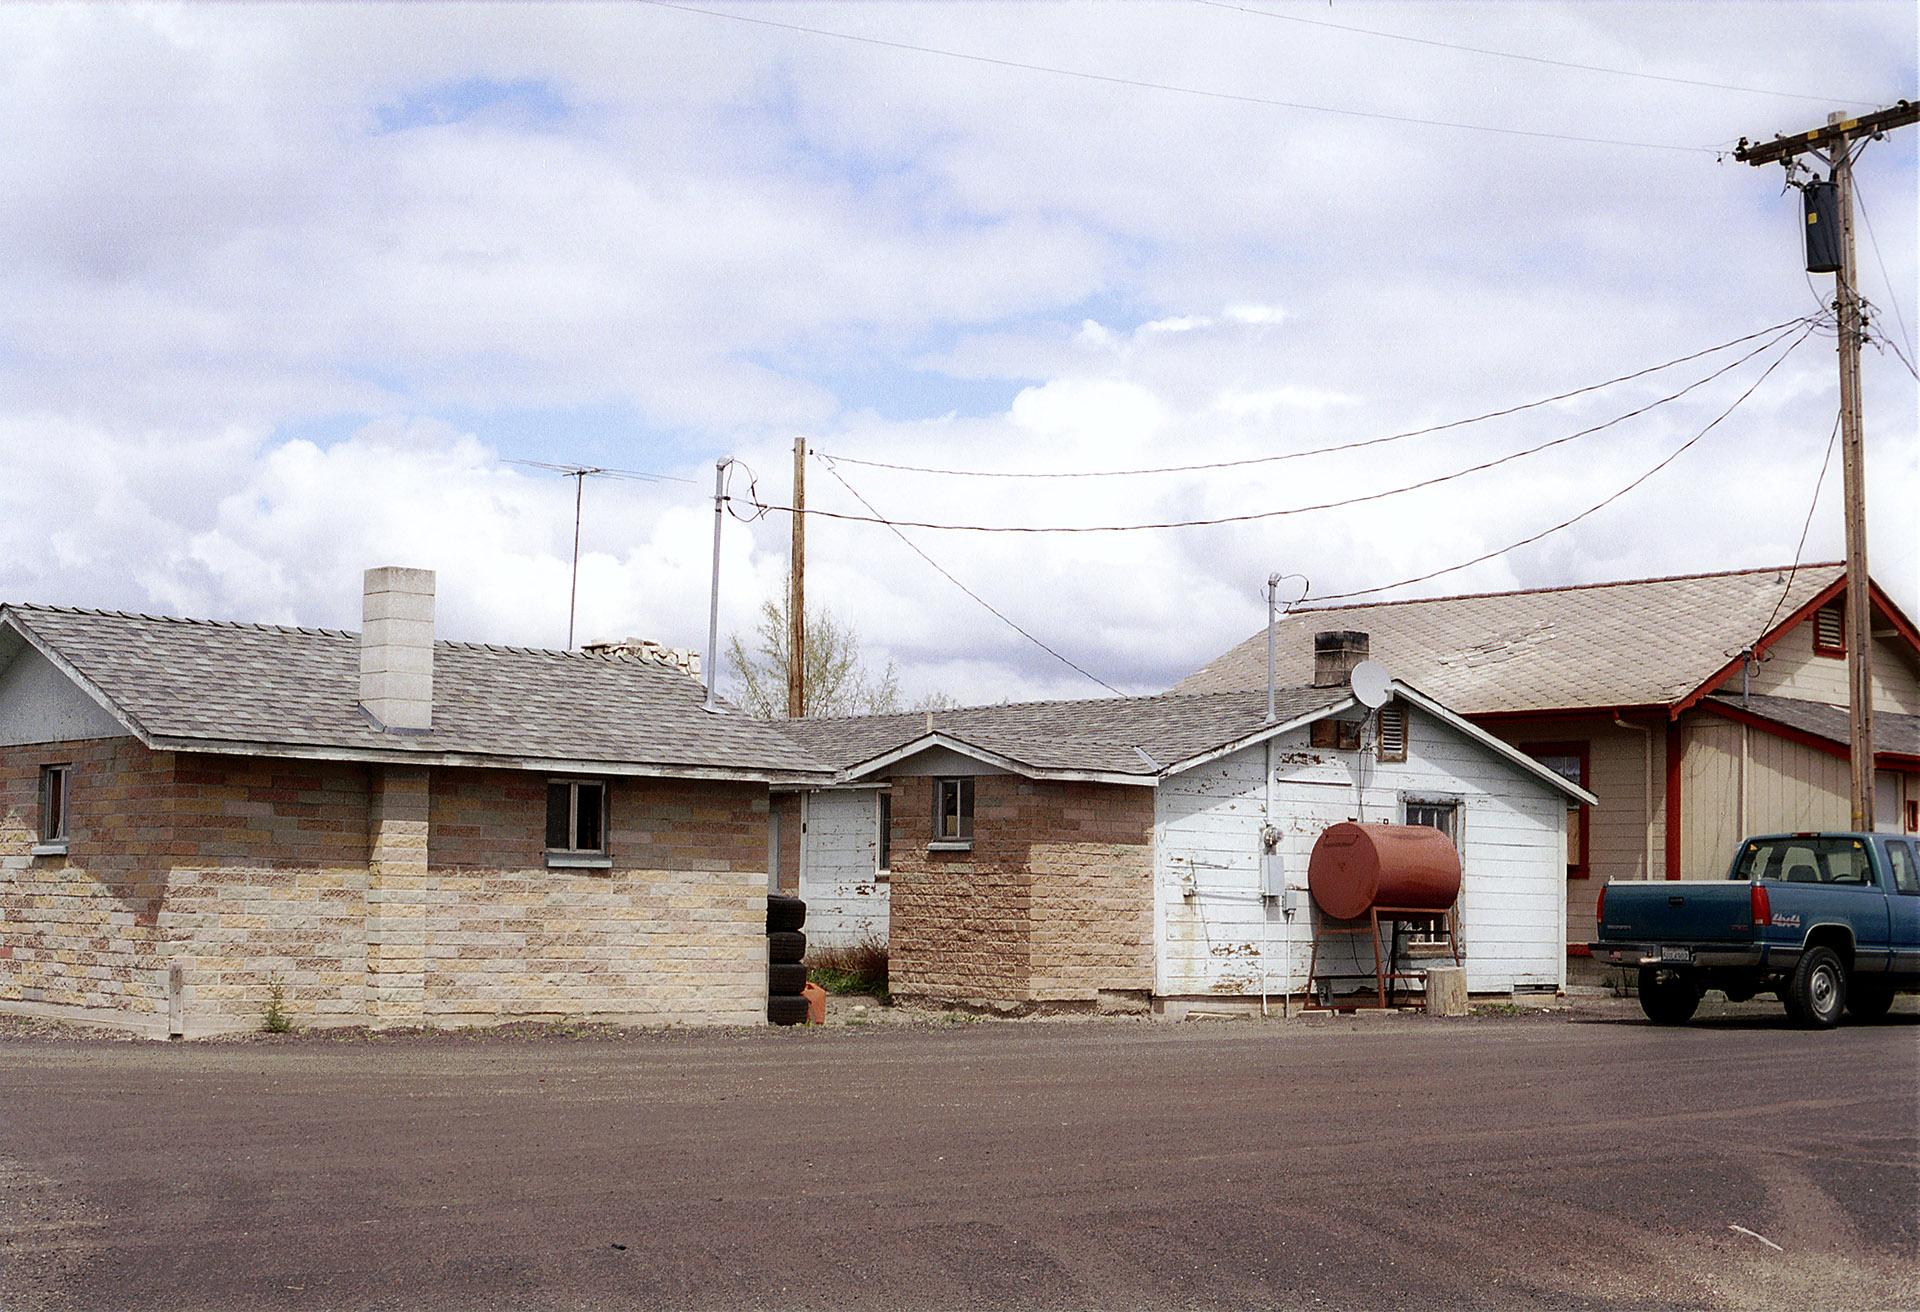 spr041009_houses_tulelake.jpg